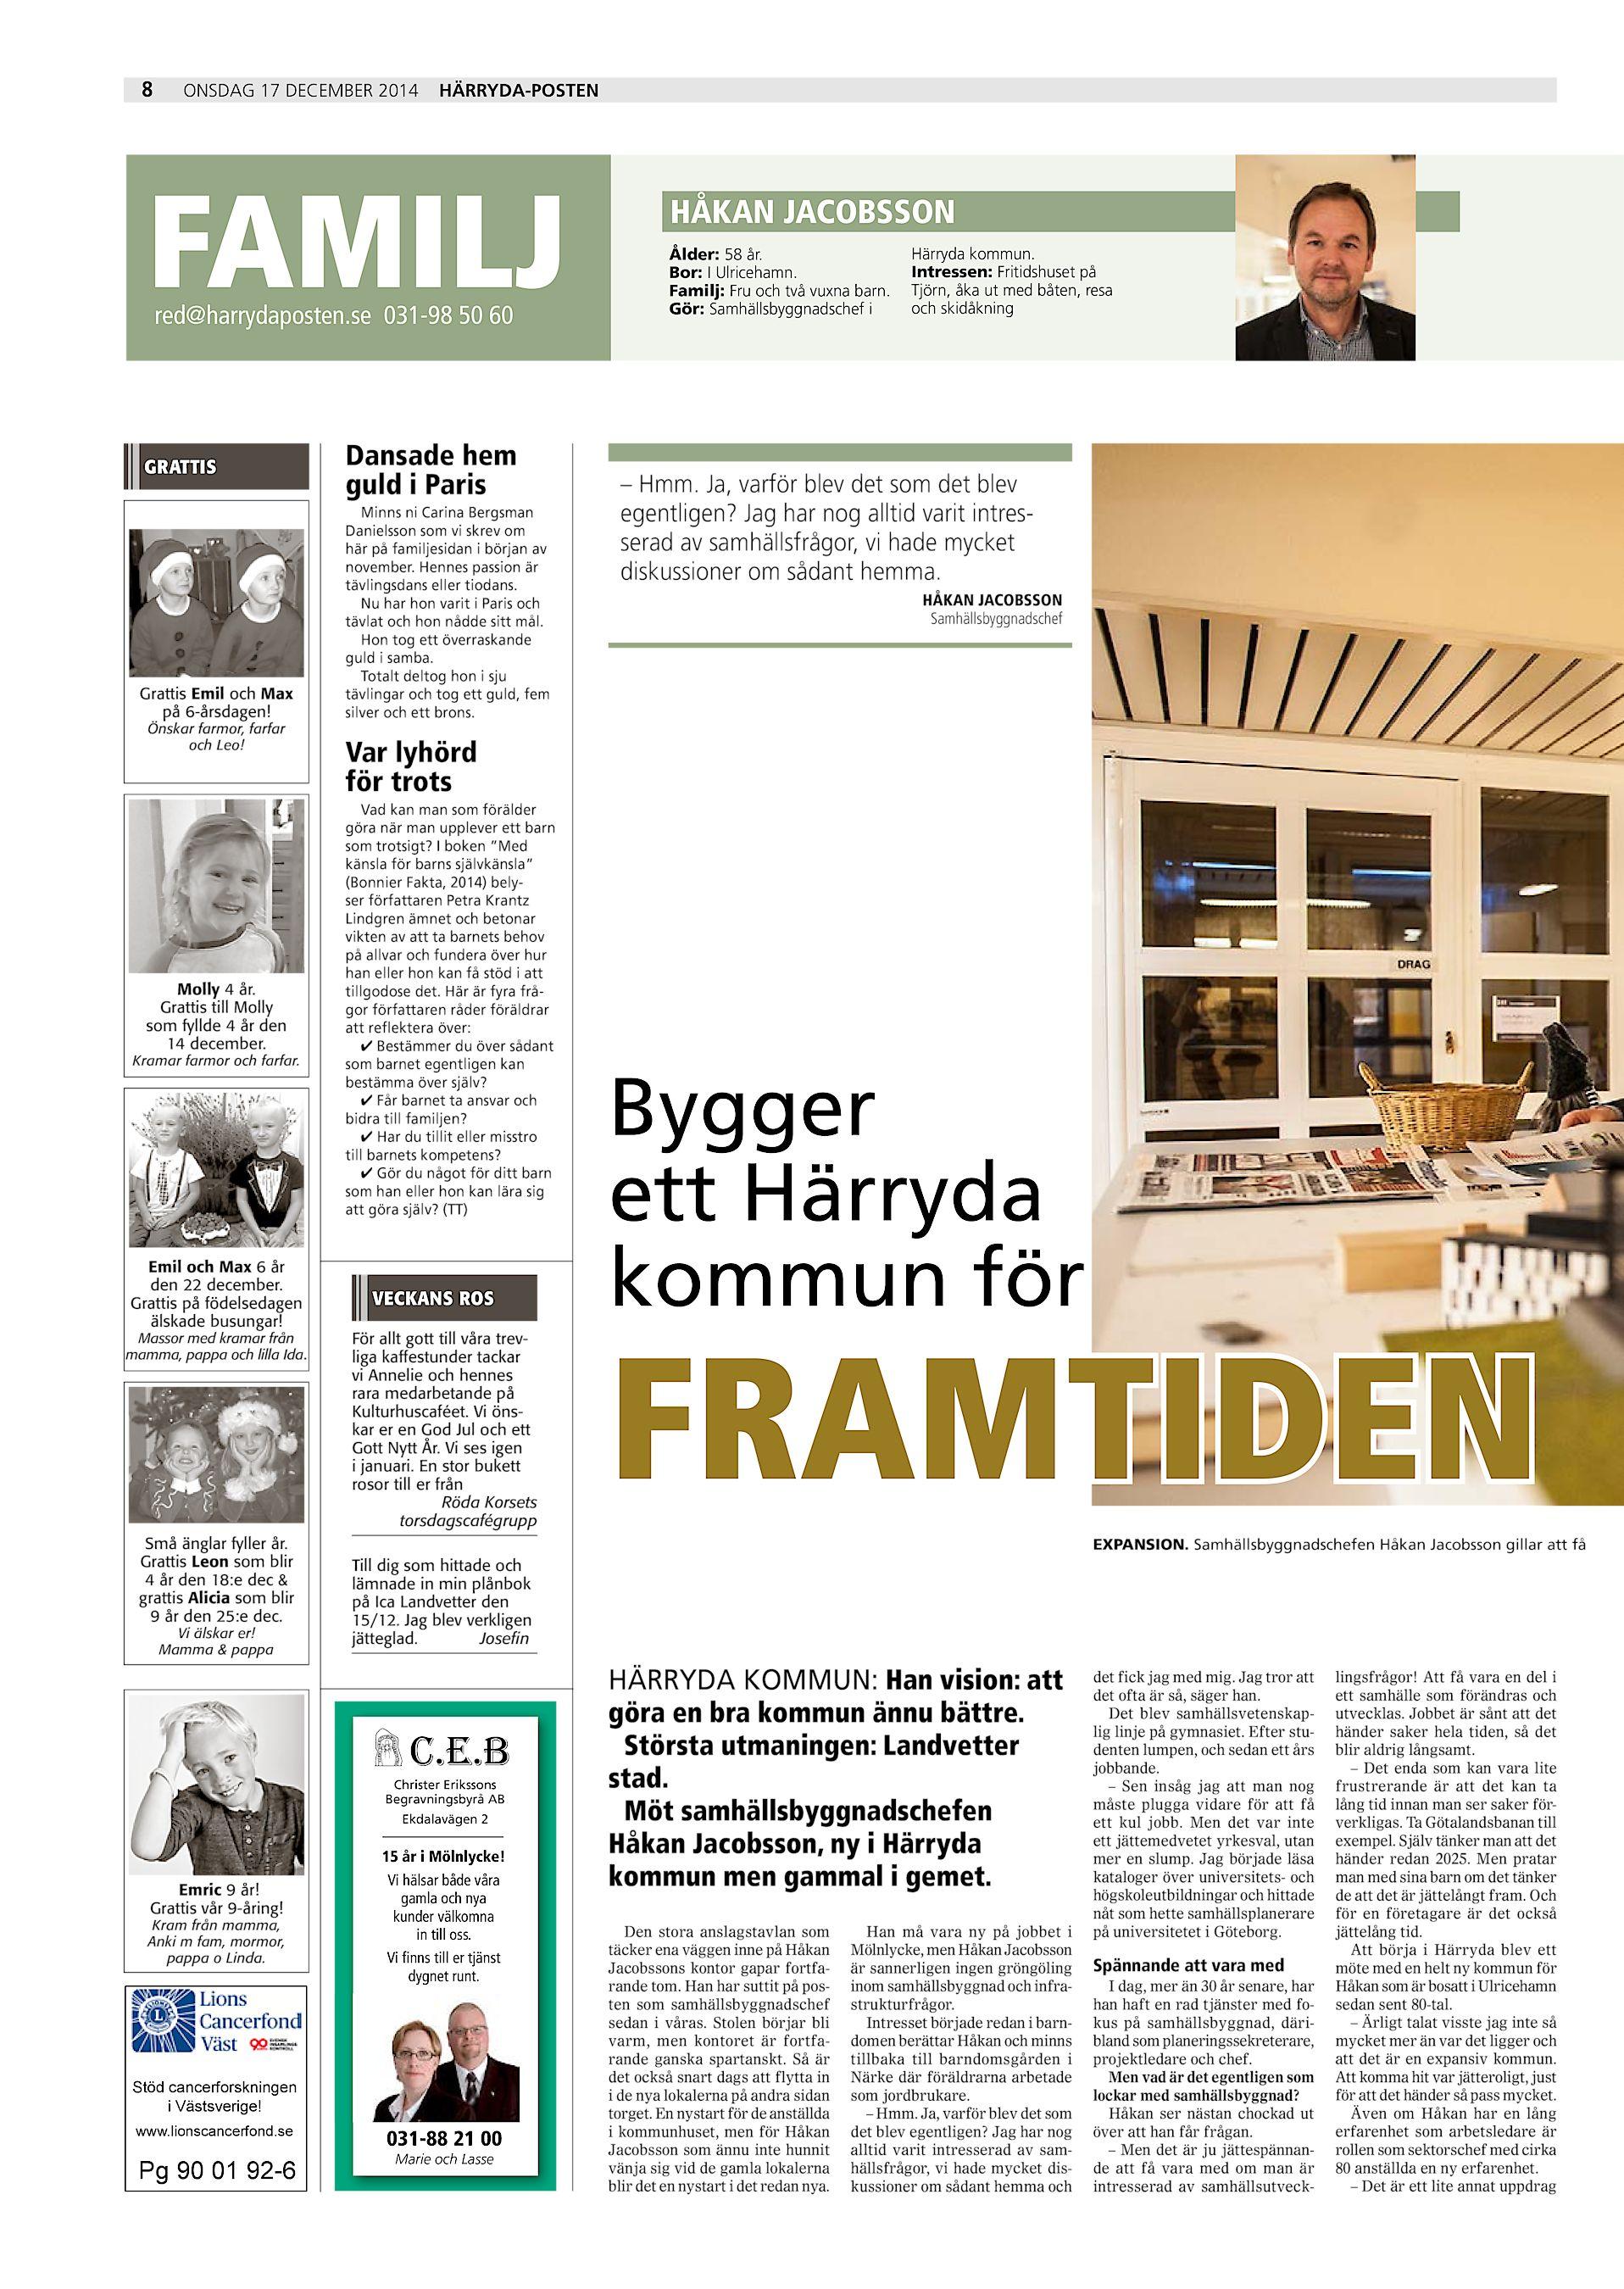 8 onsdag 17 december 2014 Härryda-Posten FAMILJ red harrydaposten.se 031-98  50 60 grattis Grattis Emil och Max på 6-årsdagen! Önskar farmor 25e941696ffa2